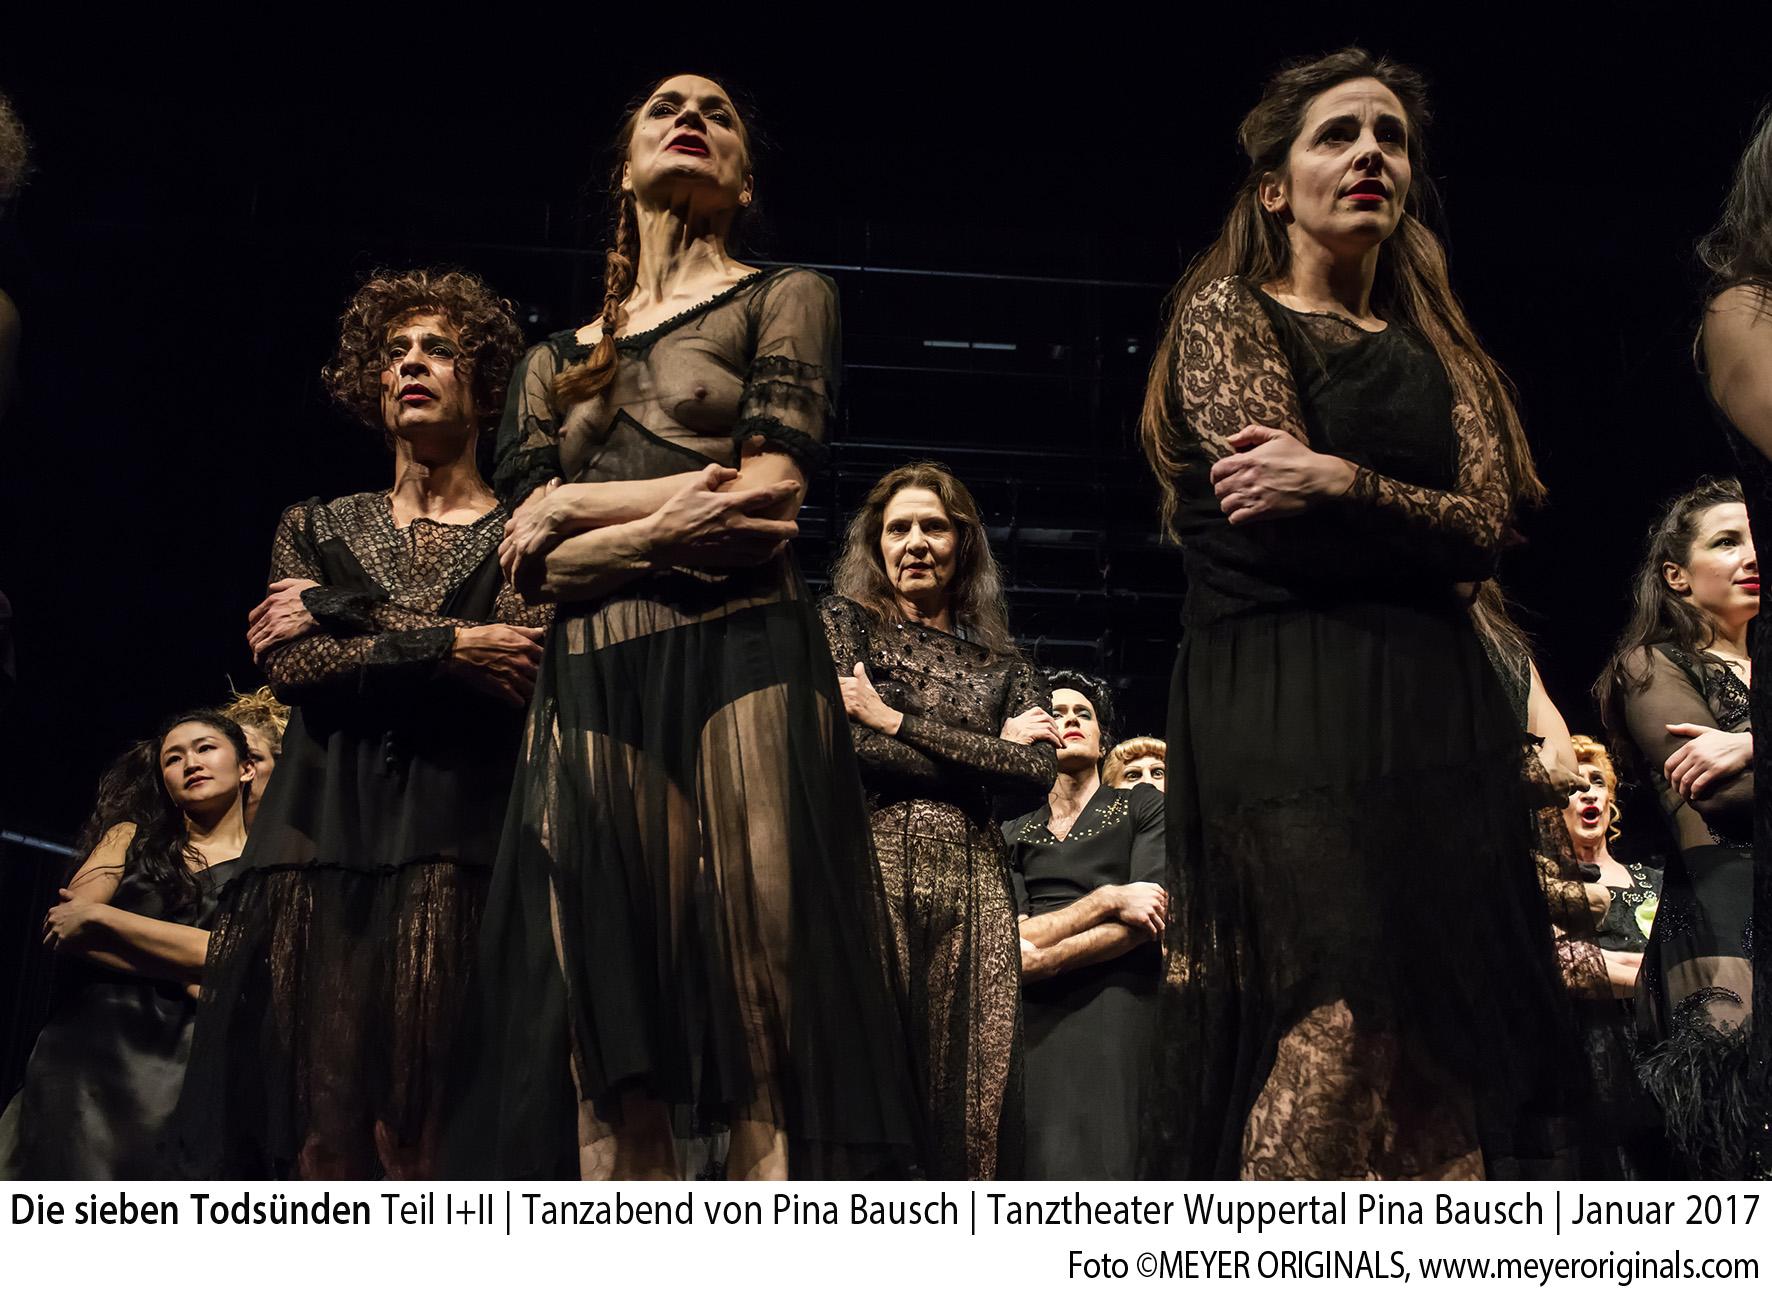 Die sieben Todsünden – Tanzabend von Pina Bausch